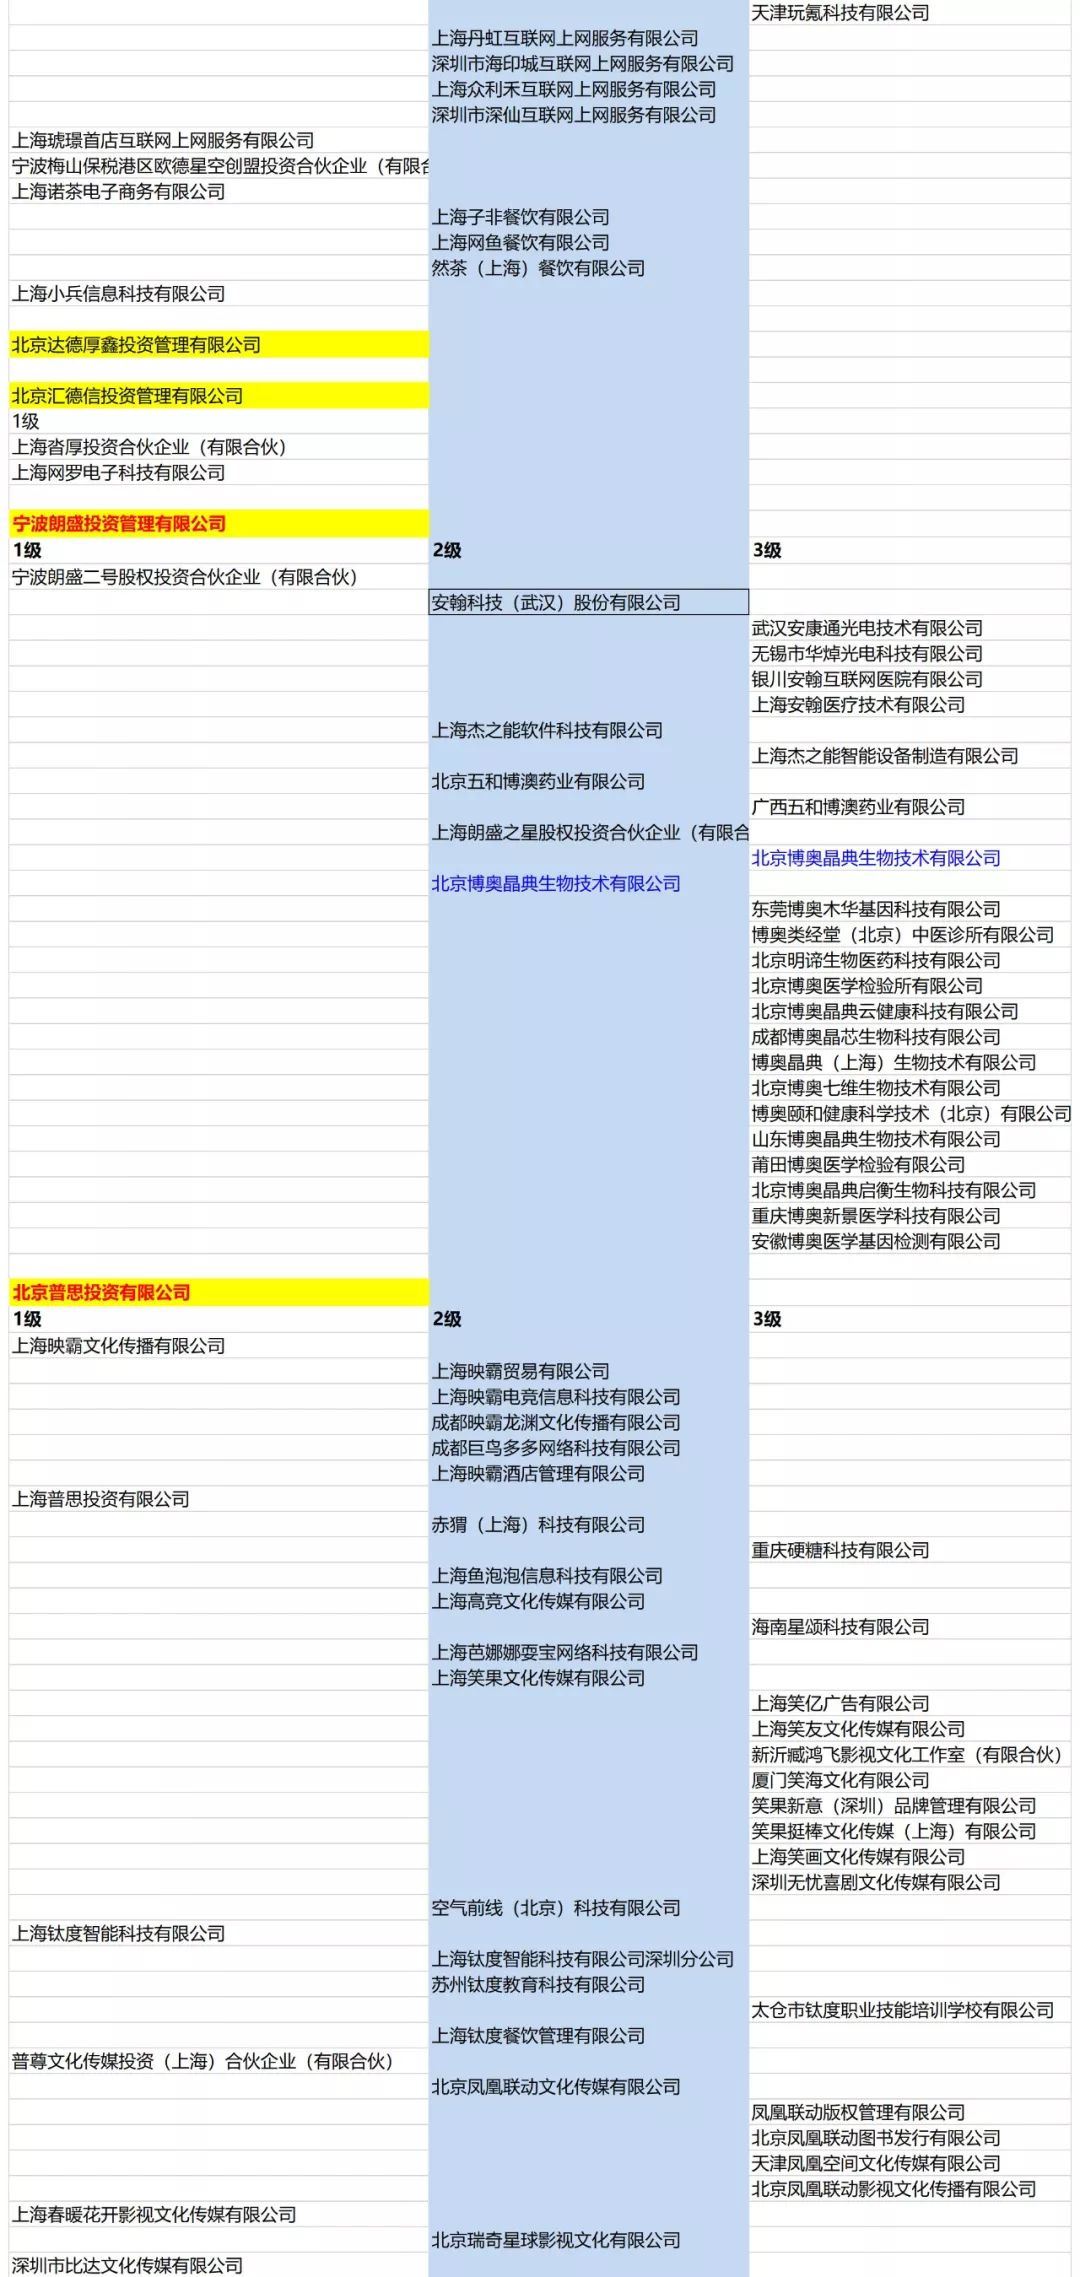 「博彩38元彩金娱乐网」大雪来了 杭州城区准备好了吗 1.3万人候着呢